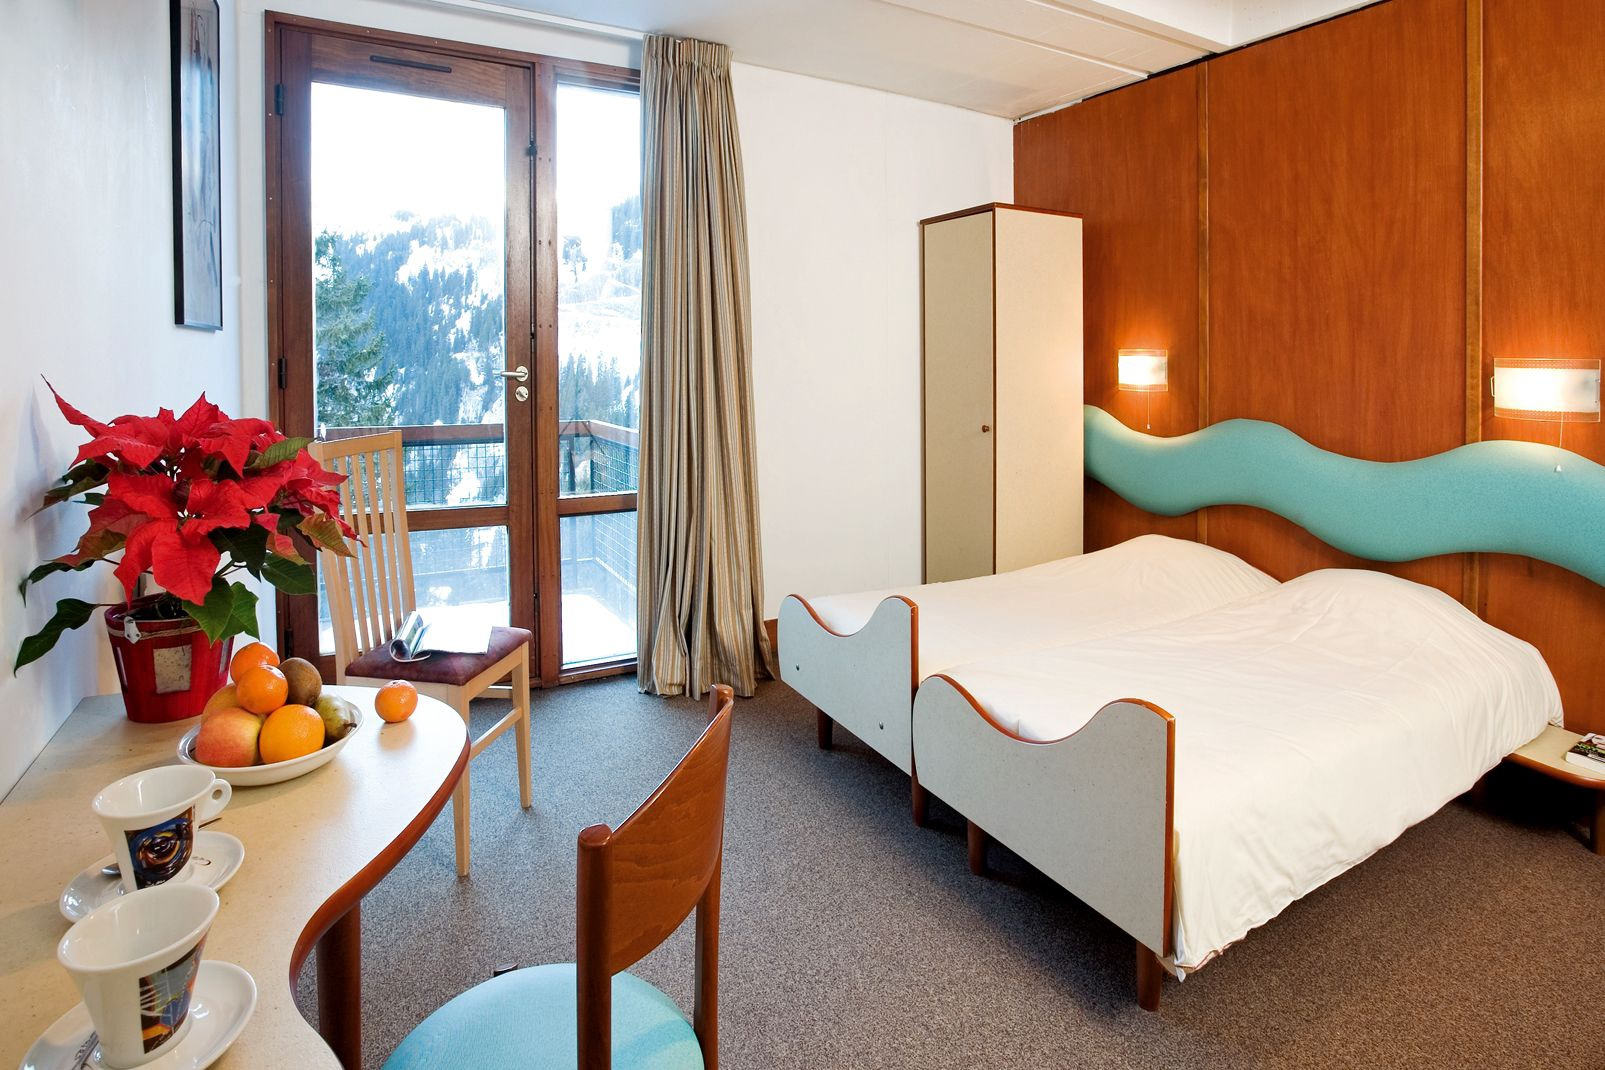 Hôtel Club mmv le Flaine Village Vacances 3* -  FLAINE - 1